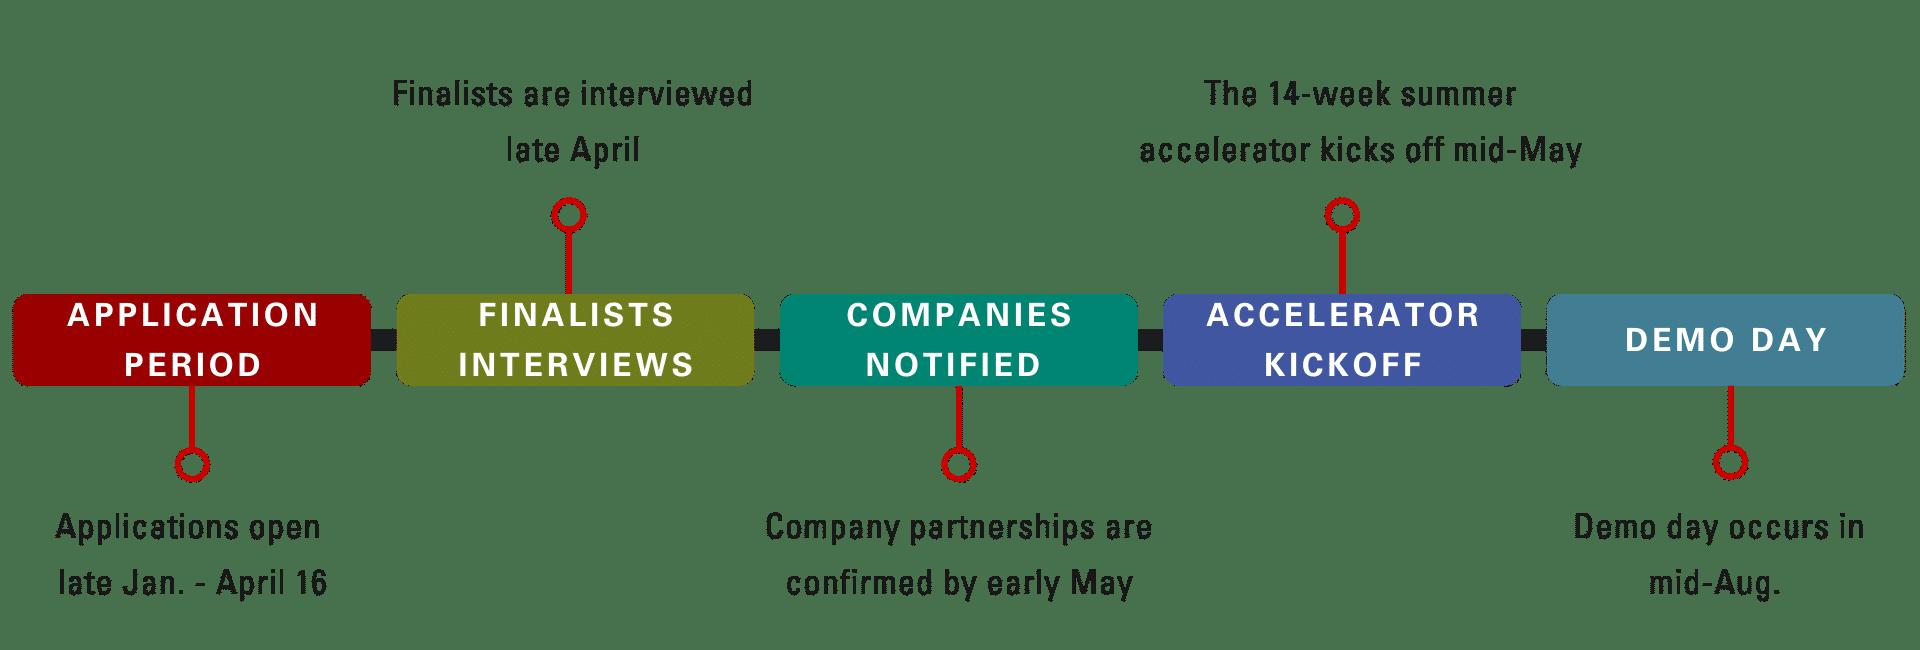 Andrews Accelerator Timeline